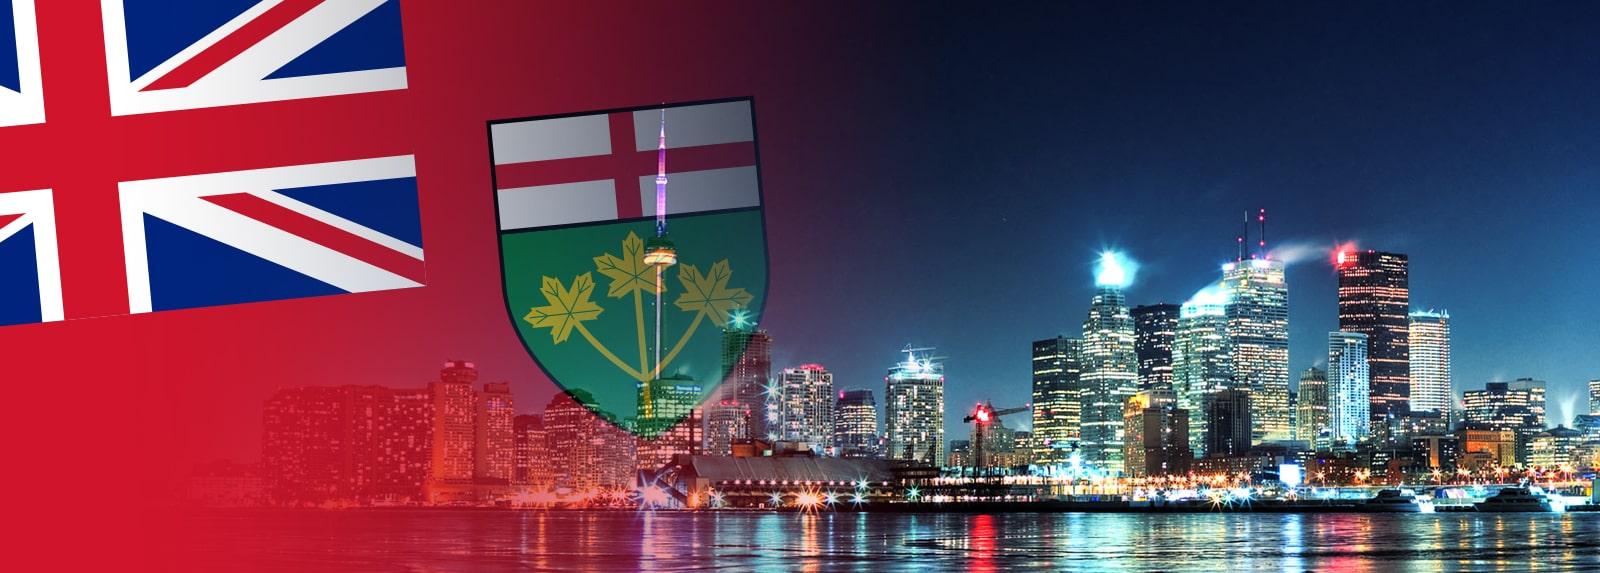 Gambling in Ontario, Canada